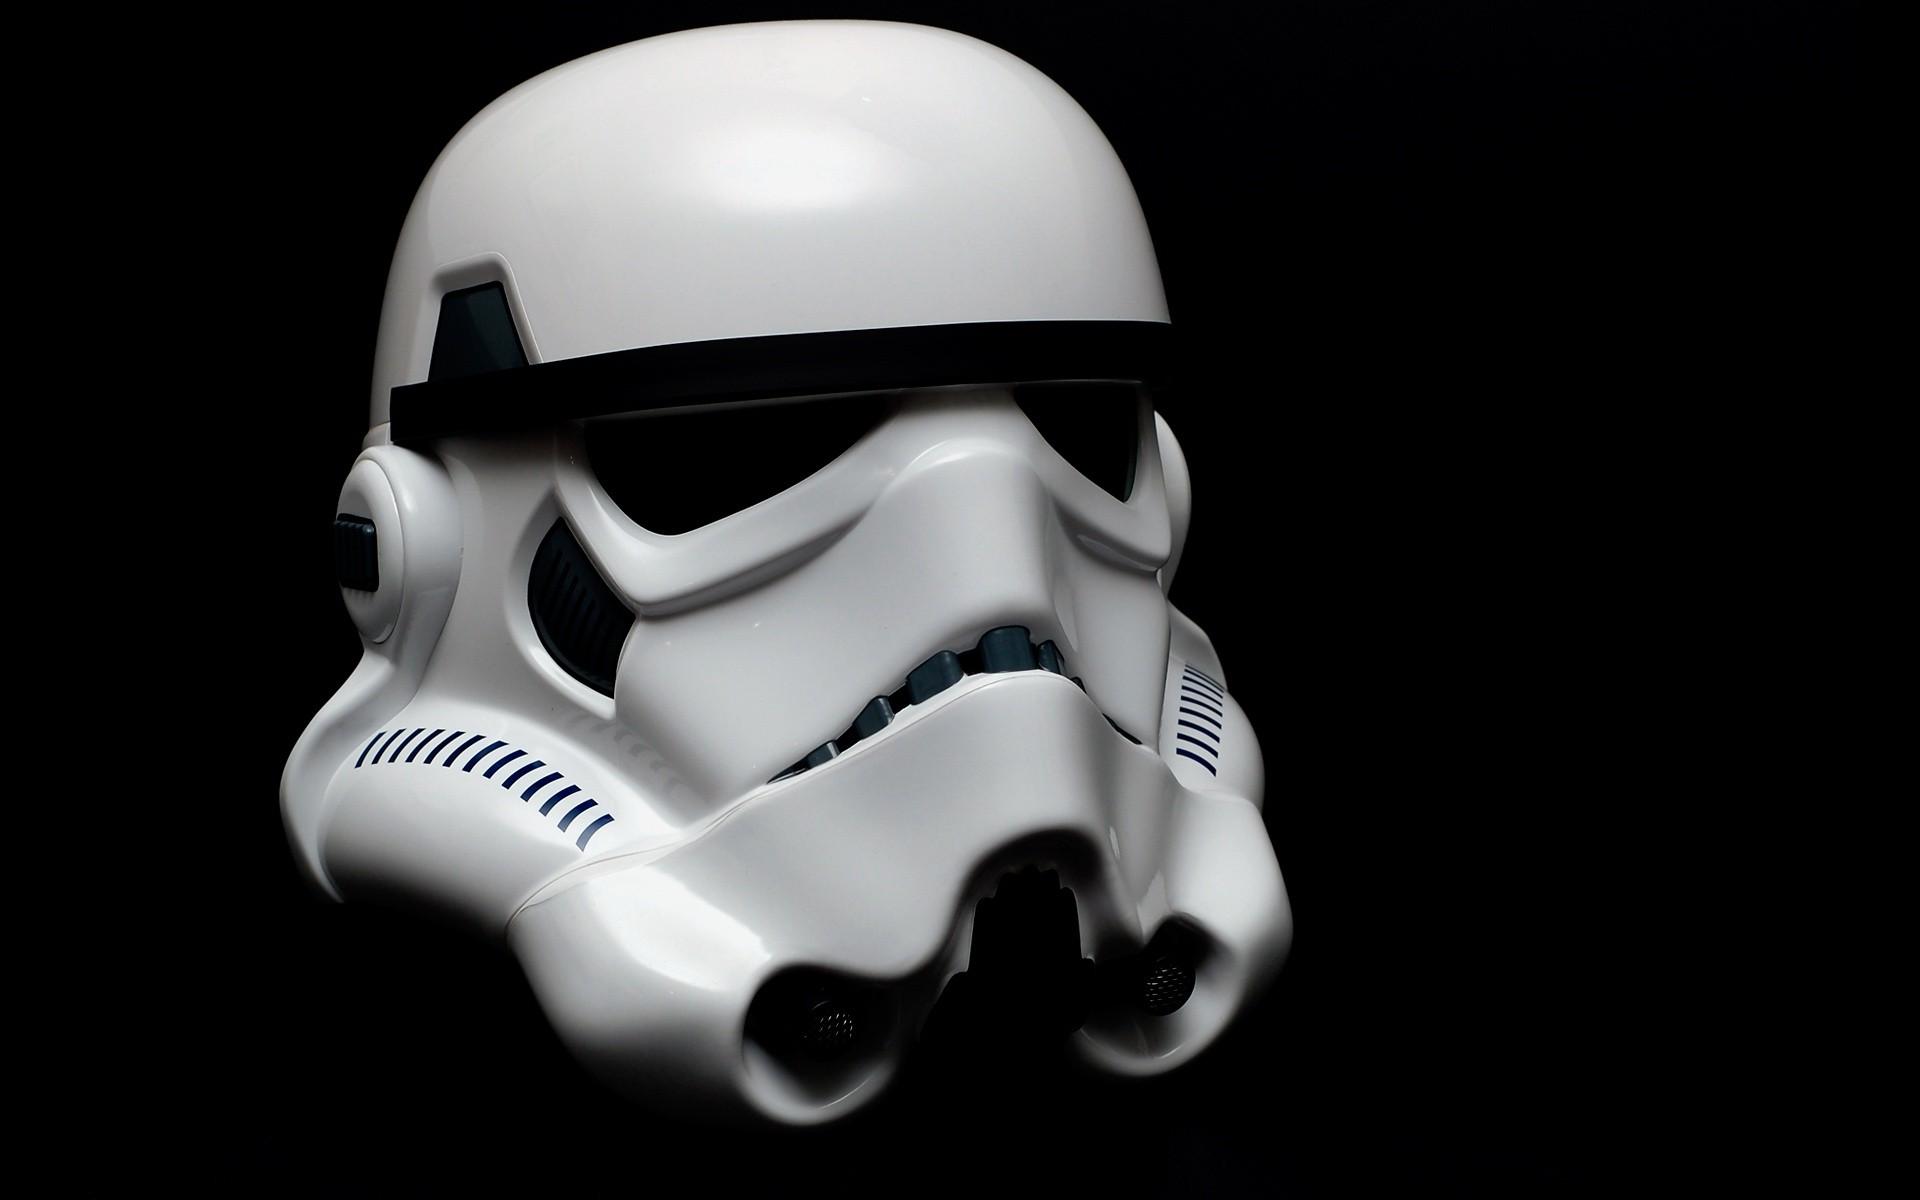 Stormtrooper helmet nude pron pic